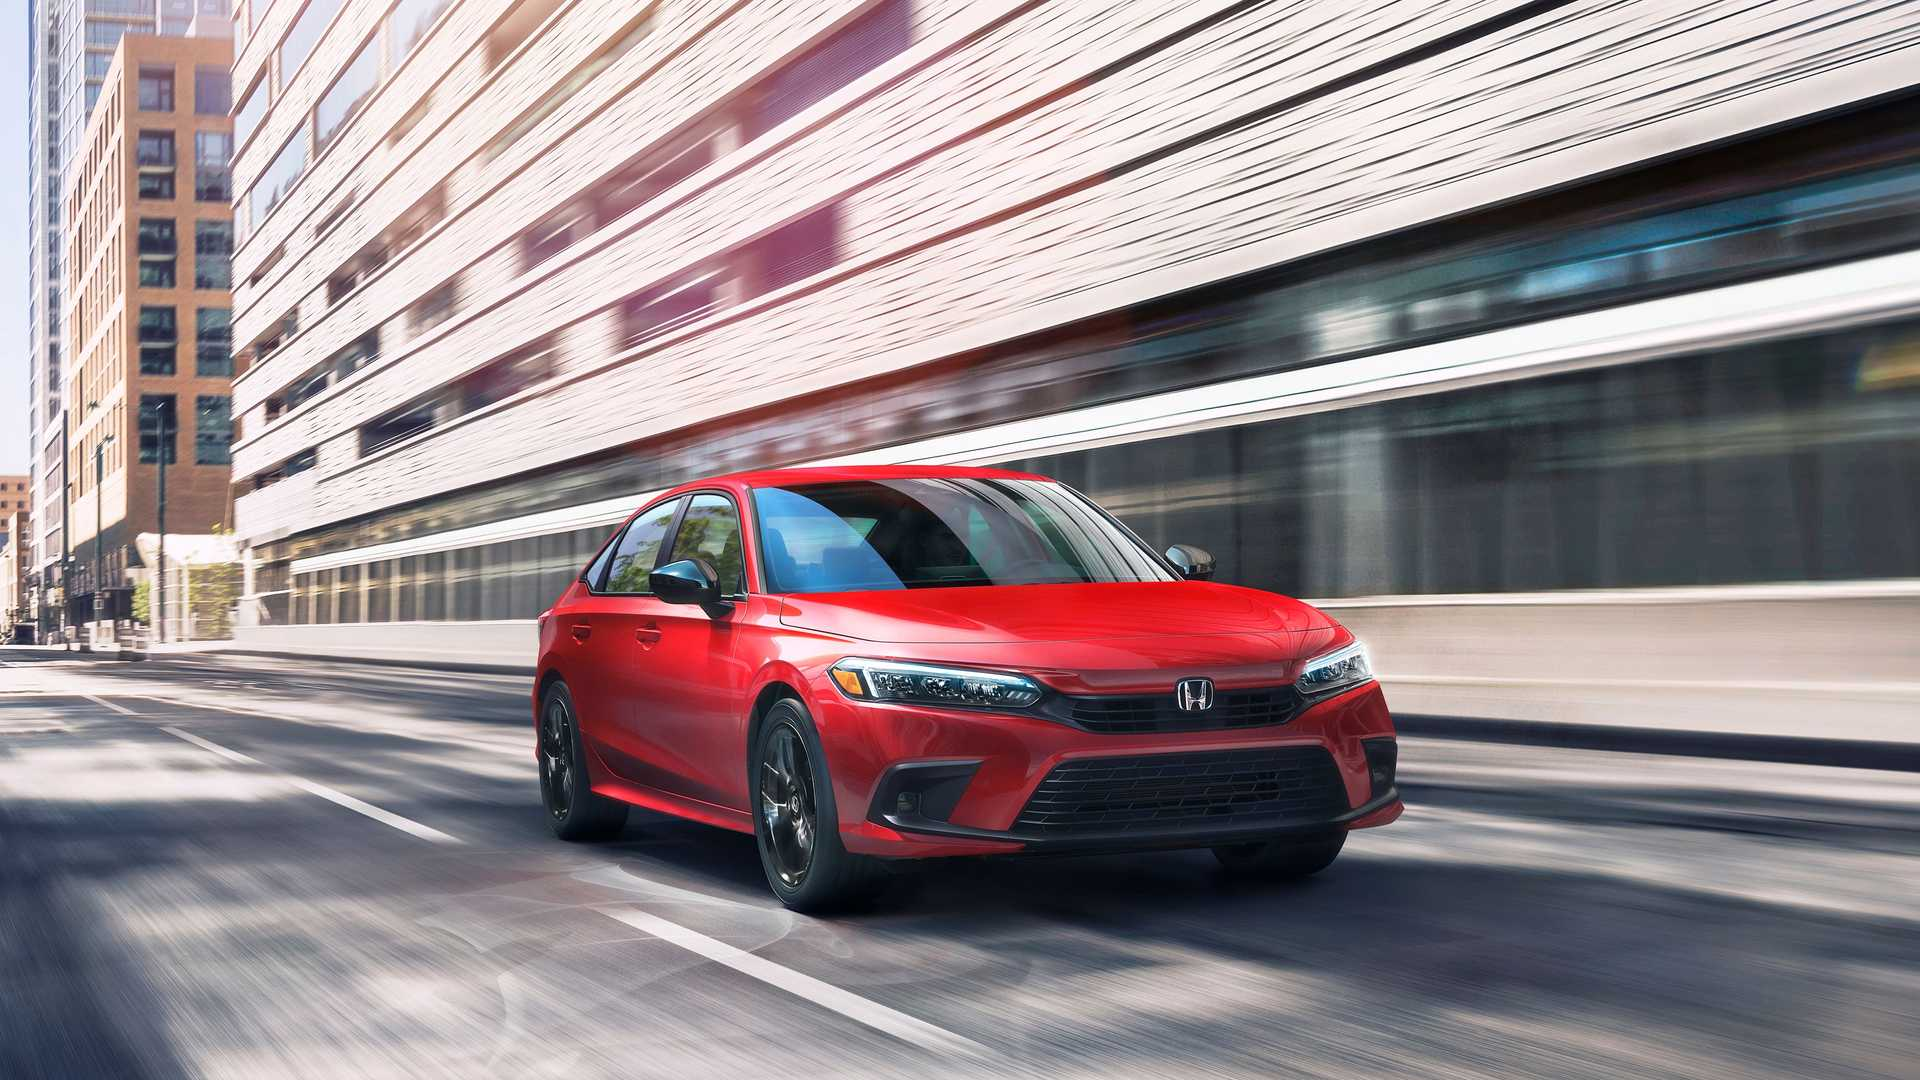 Honda представила седанCivicодиннадцатого поколения 1